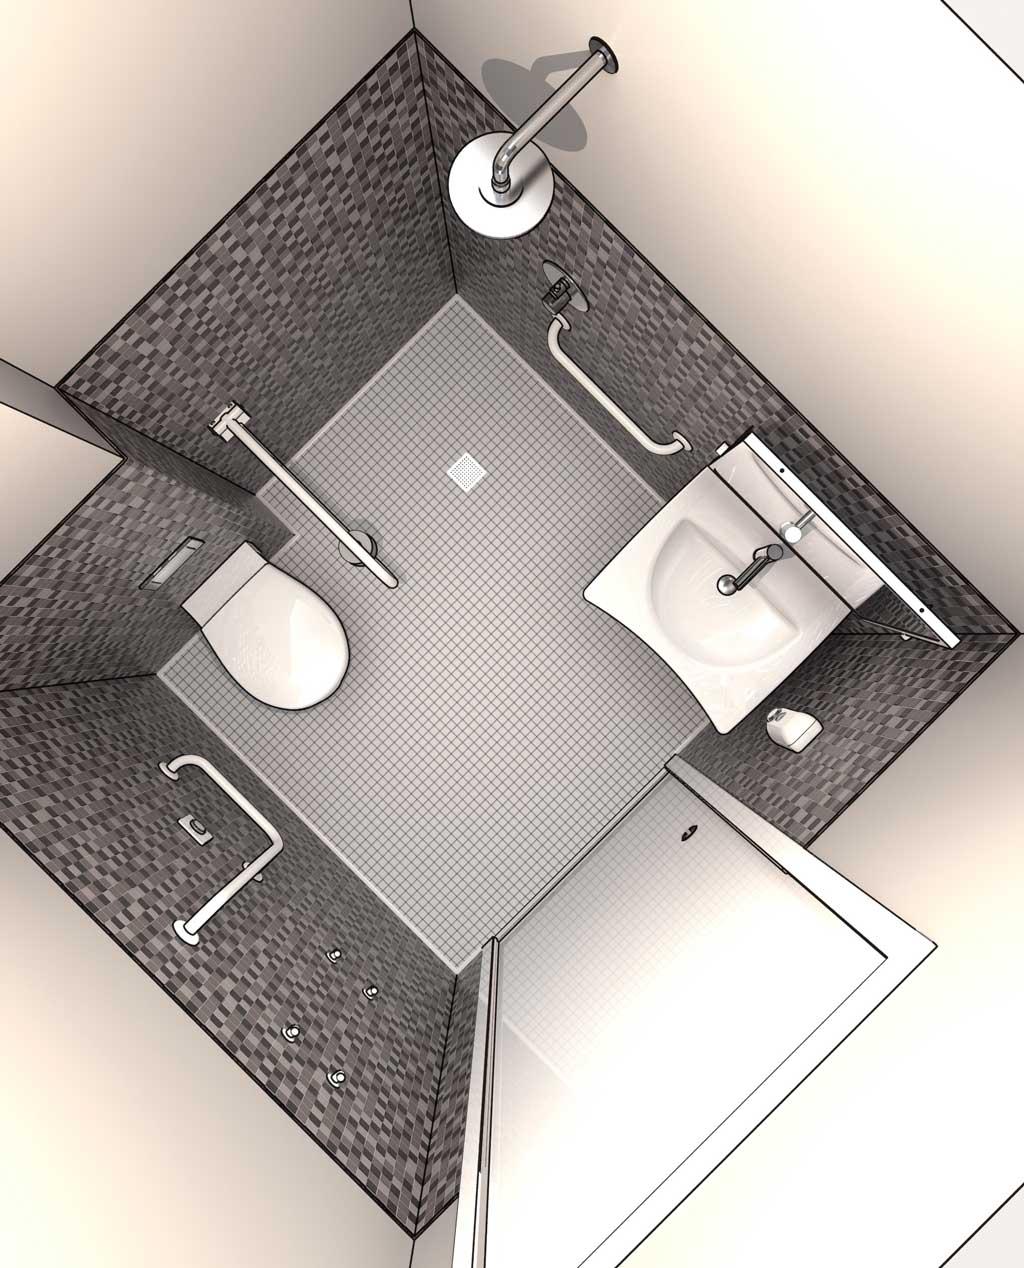 Progettazione DWG Bagni disabili disegni in 3D